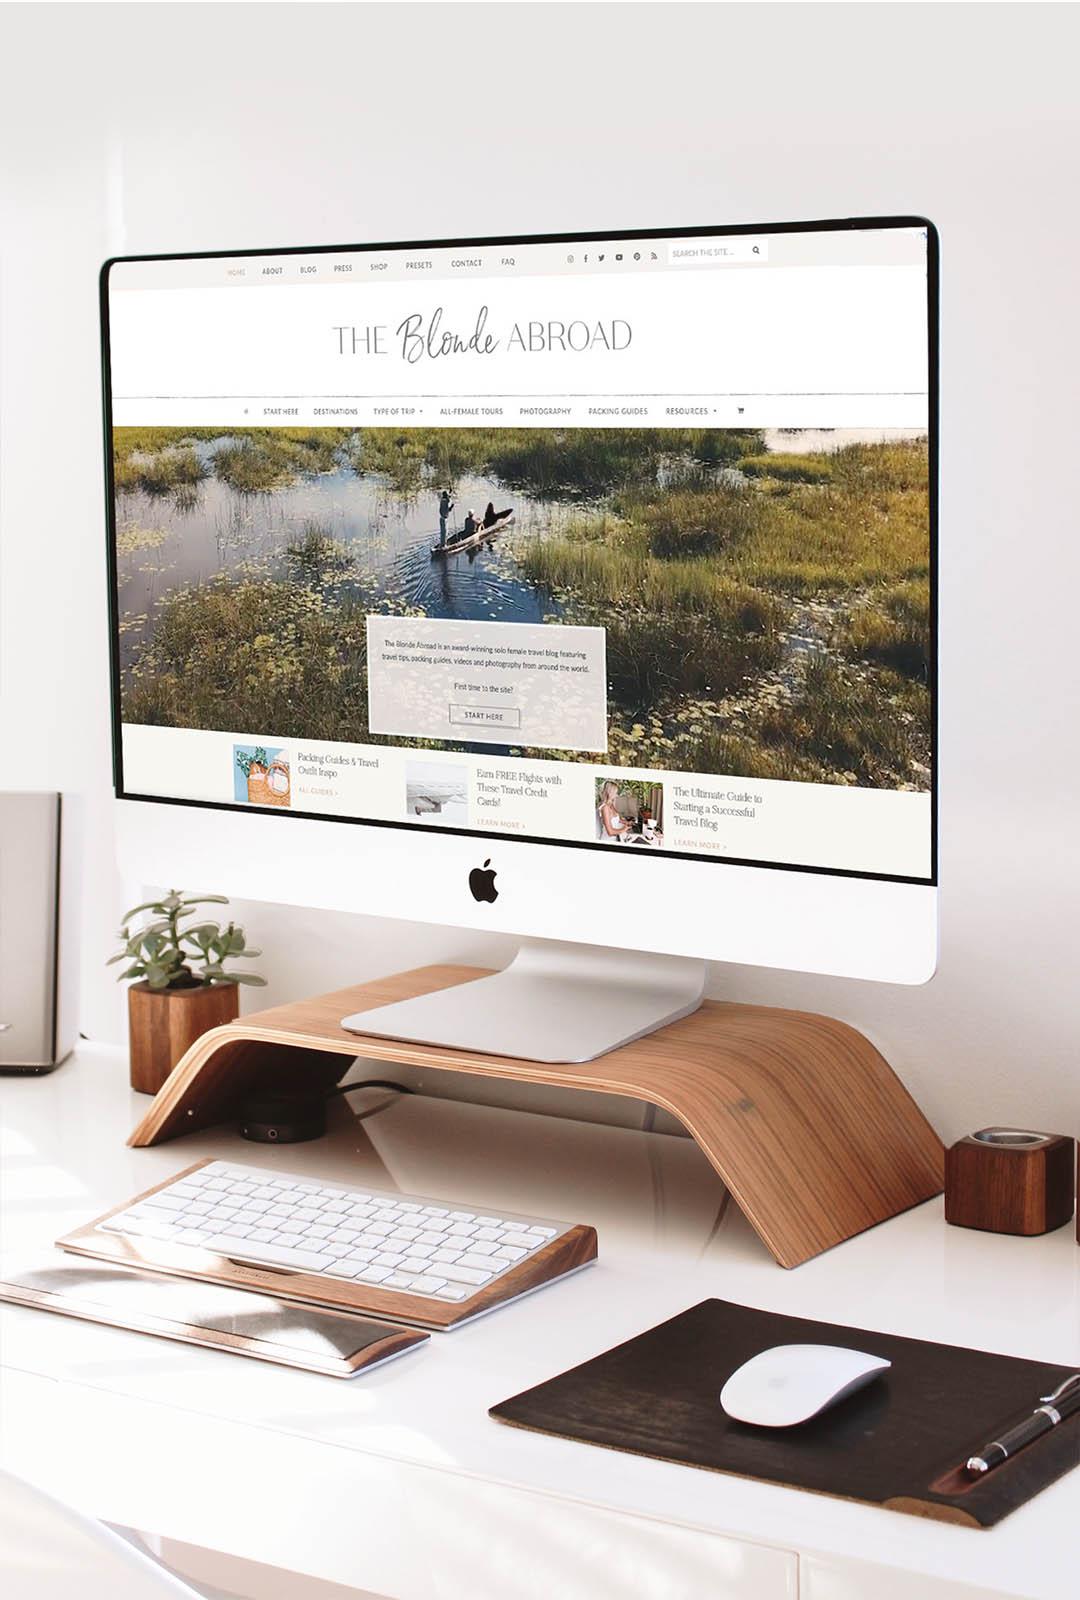 blogger image tba website screenshot